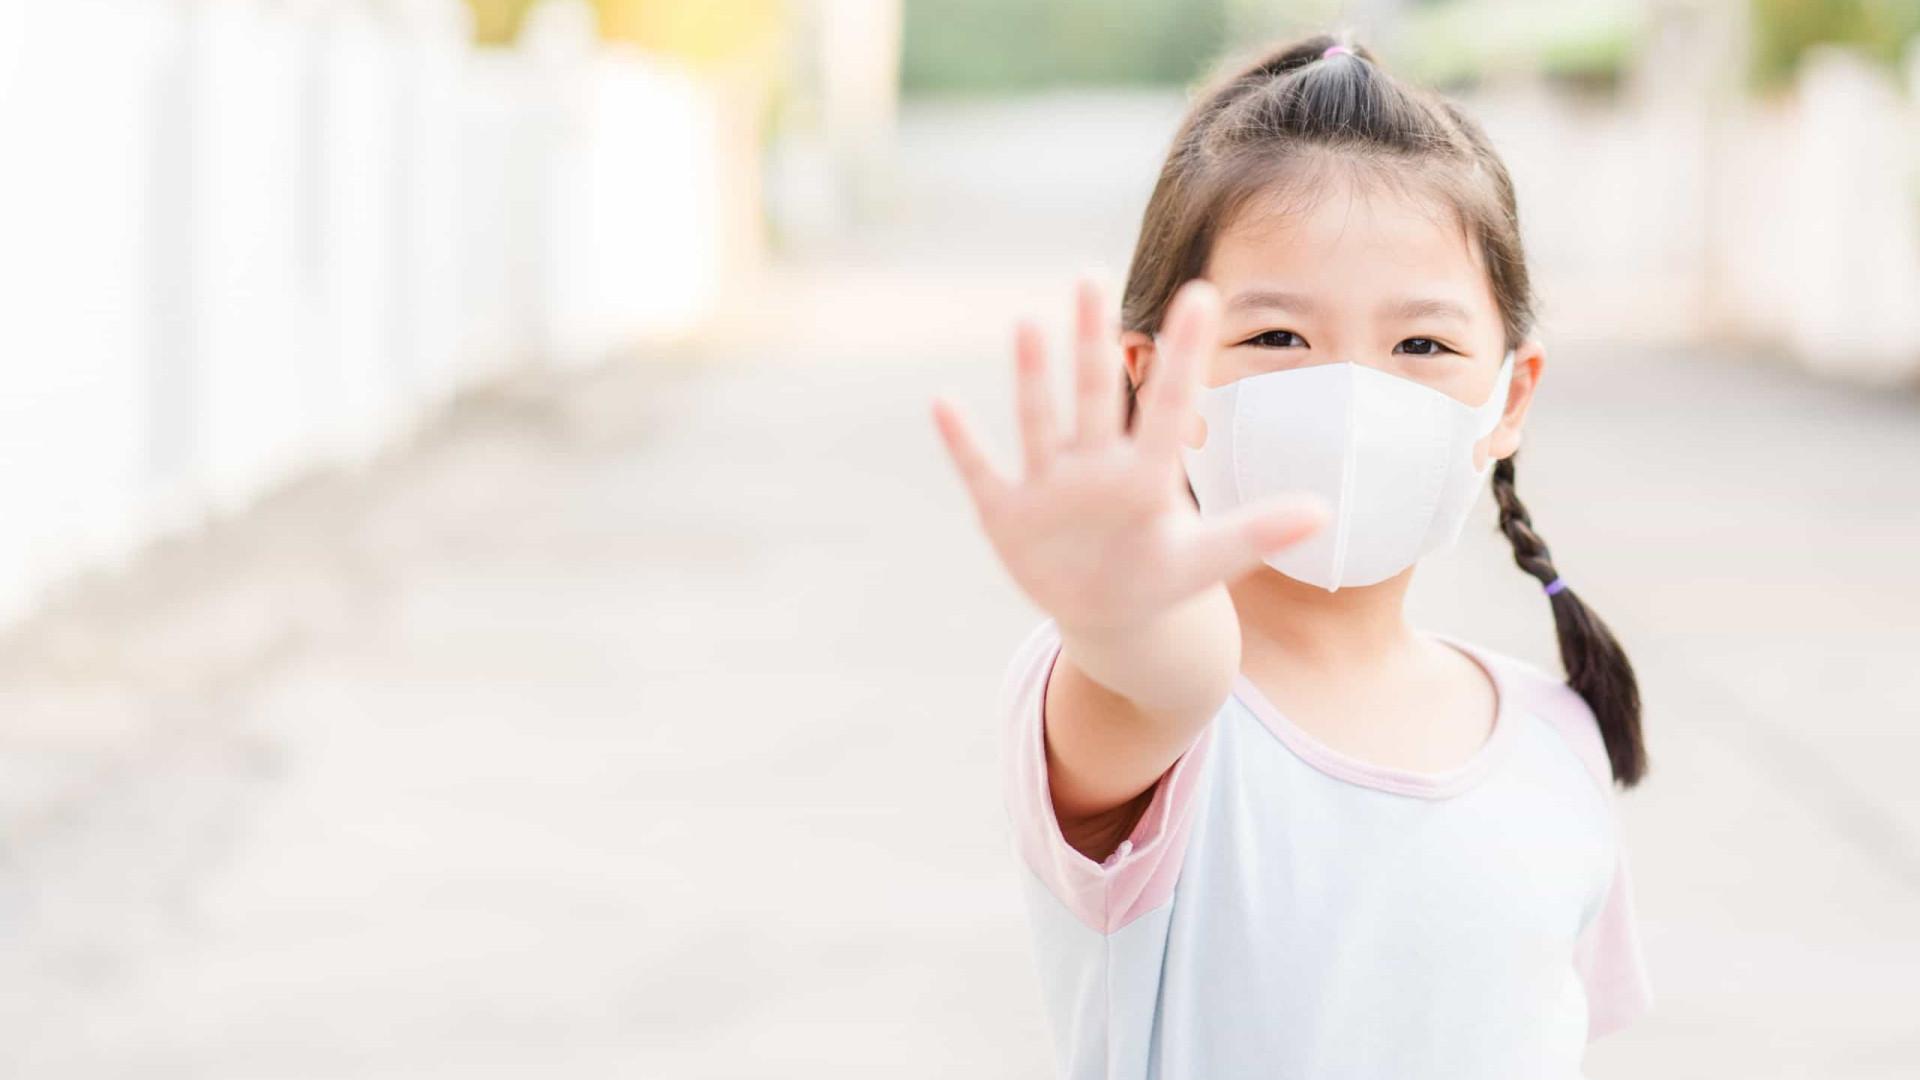 Crianças com menos de 5 anos podem ter níveis mais altos do vírus